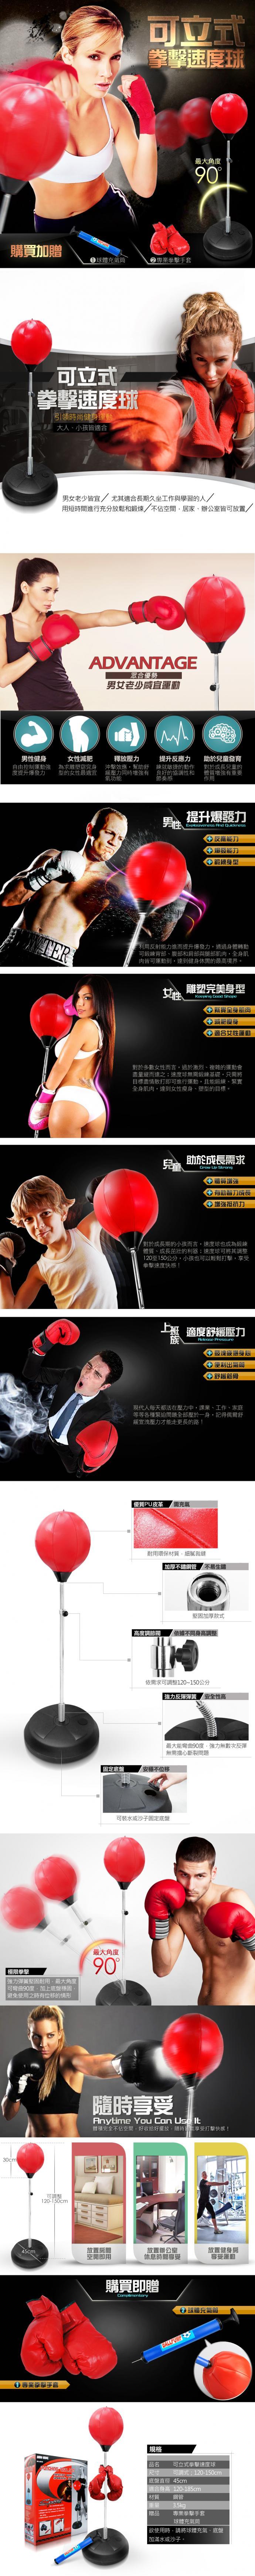 可調節專業拳擊球